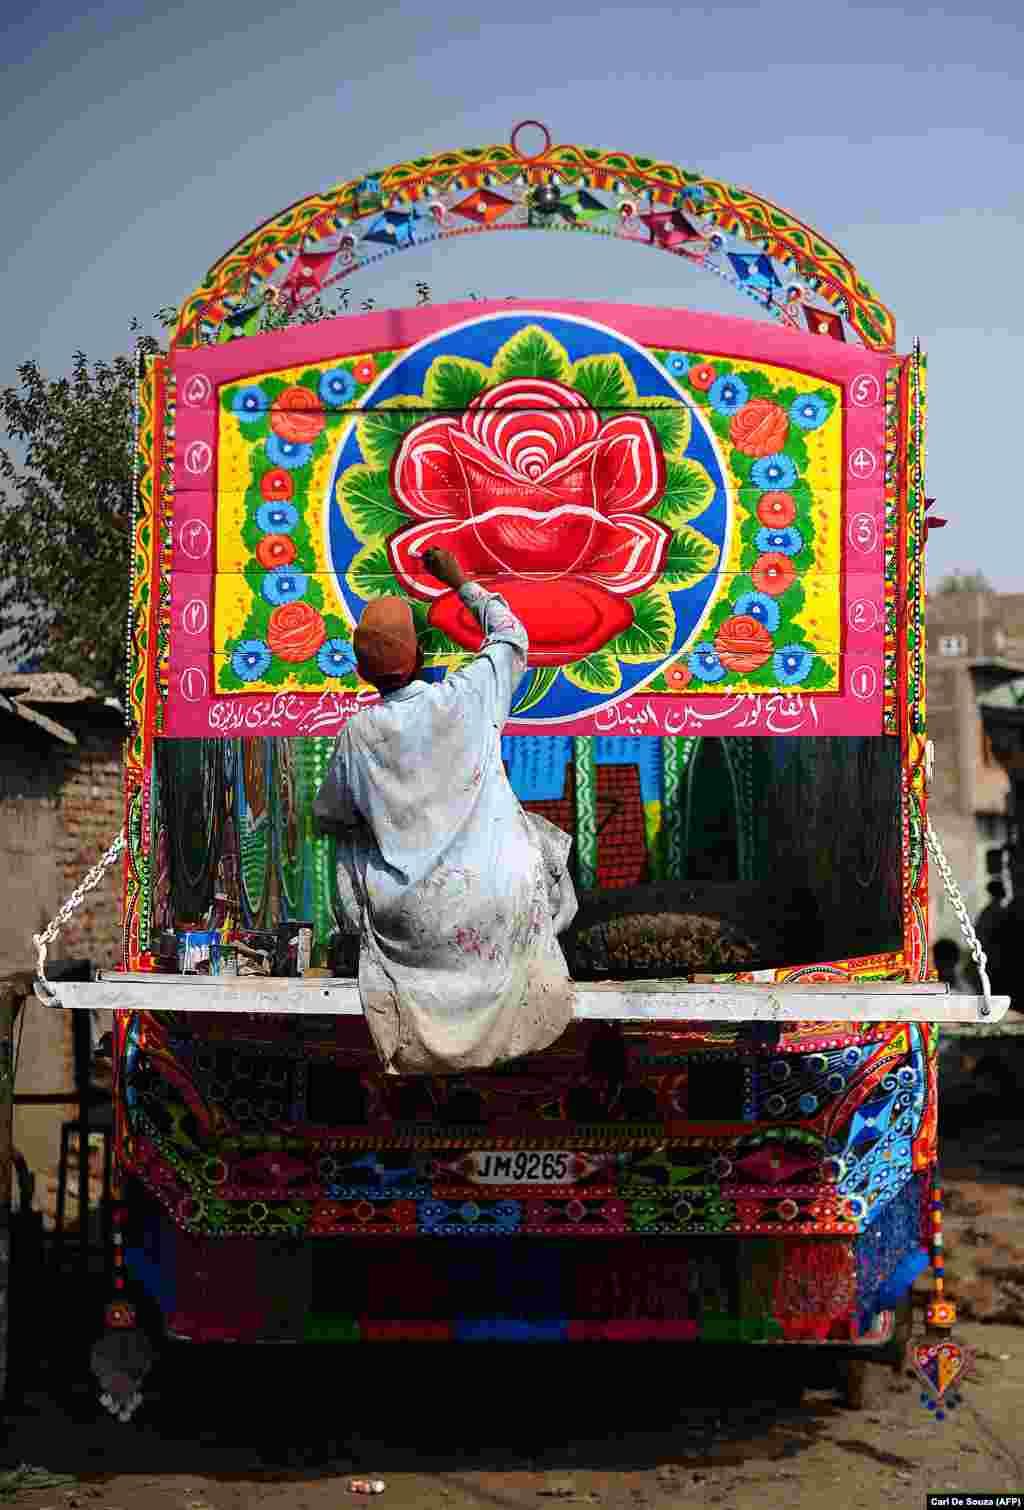 Художник по грузовикам добавляет последние штрихи к кузову грузовика в Равалпинди. Грузовики Пакистана, возможно, известны своей красочностью, но они остаются, тем не менее, средством для перевозок.